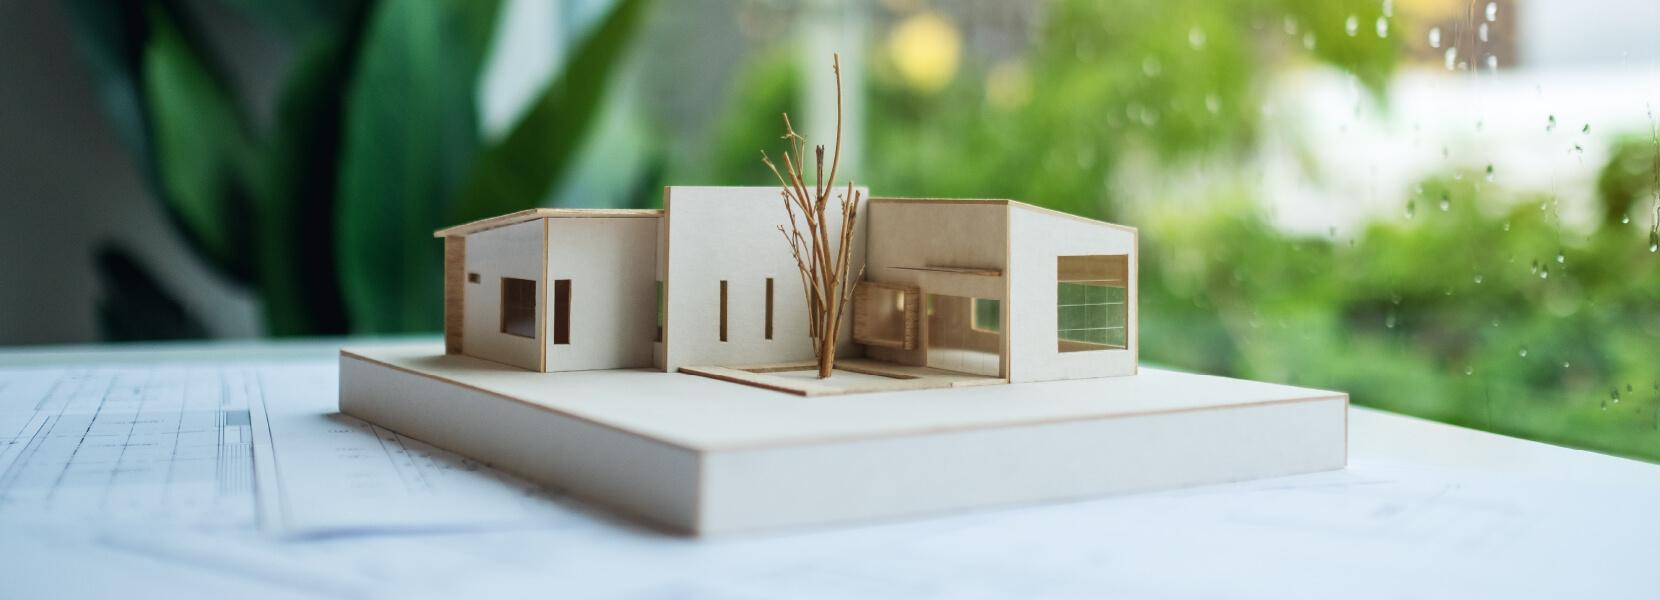 Chi siamo Green Systems srl progetti green modellino casa